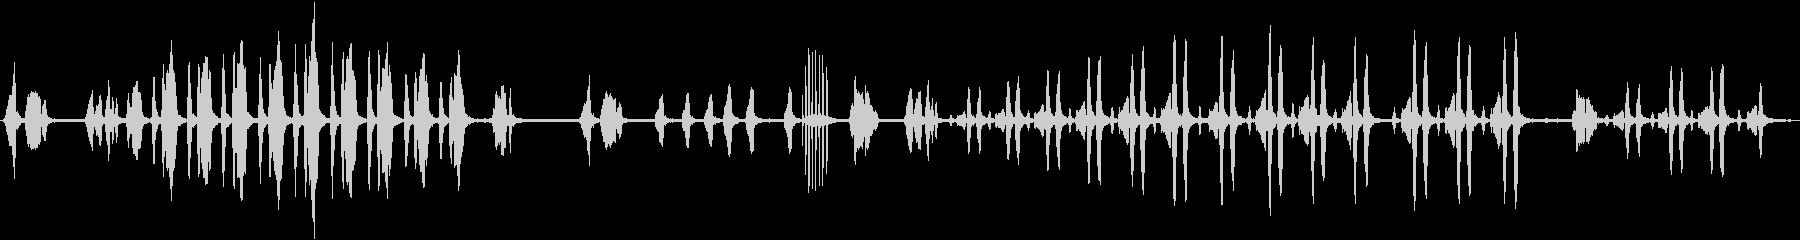 キビタキのさえずりの未再生の波形